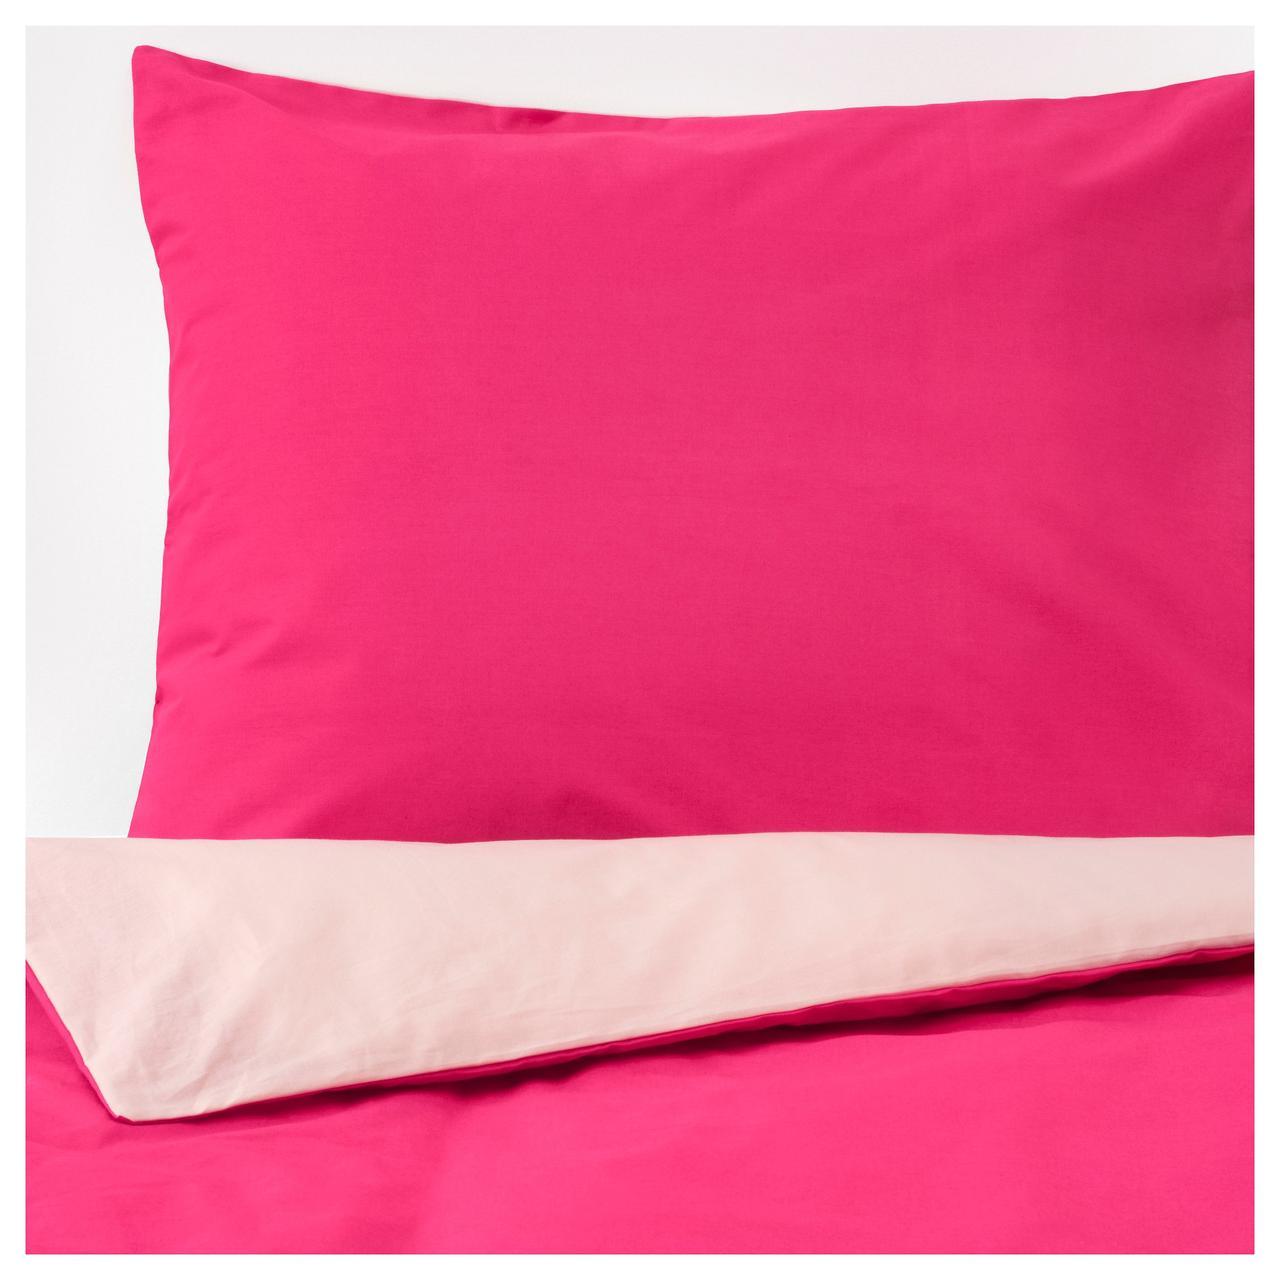 ДВАЛА Пододеяльник и 1 наволочка, розовый